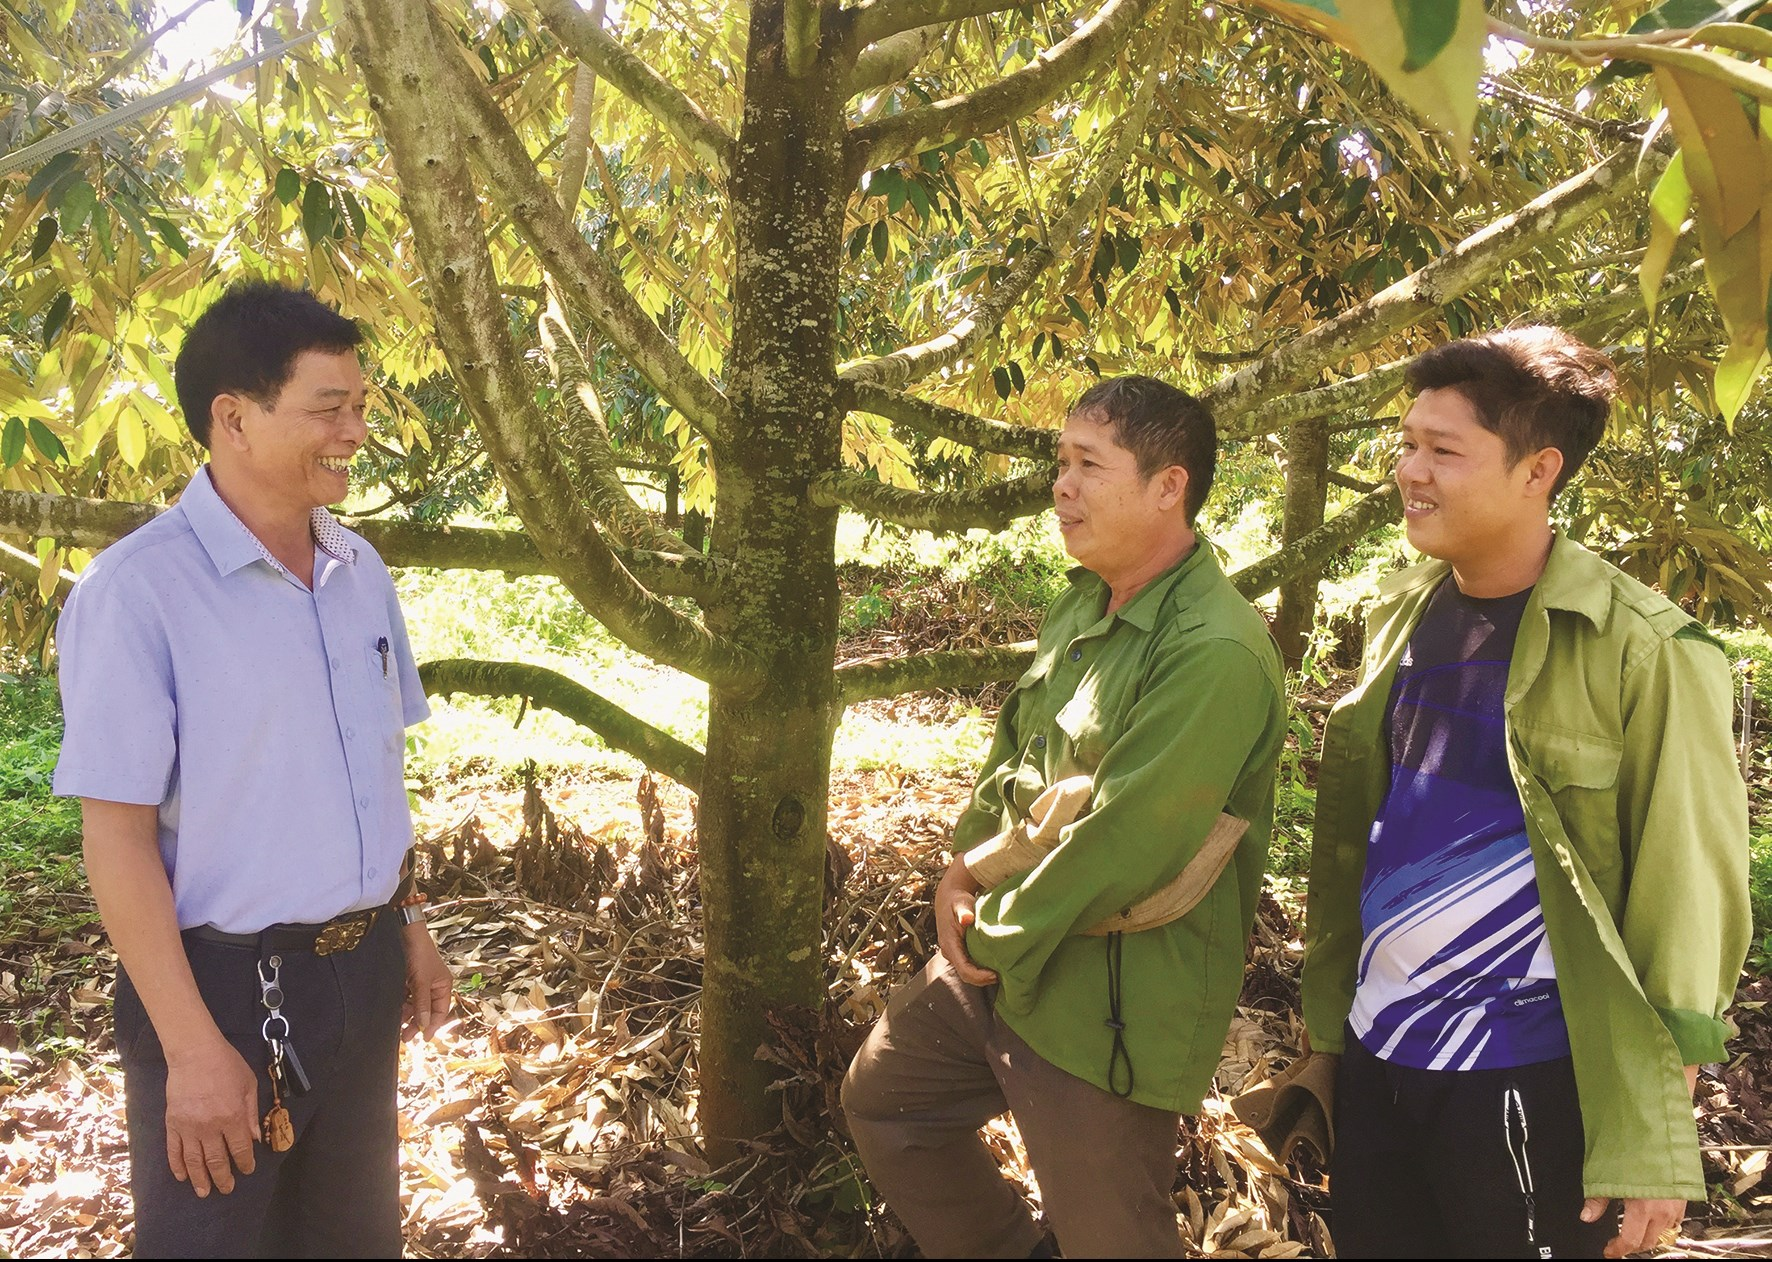 Ông Hải (giữa) đang giới thiệu với cán bộ xã về mô hình kinh tế của gia đình (Ảnh T.Dũng)